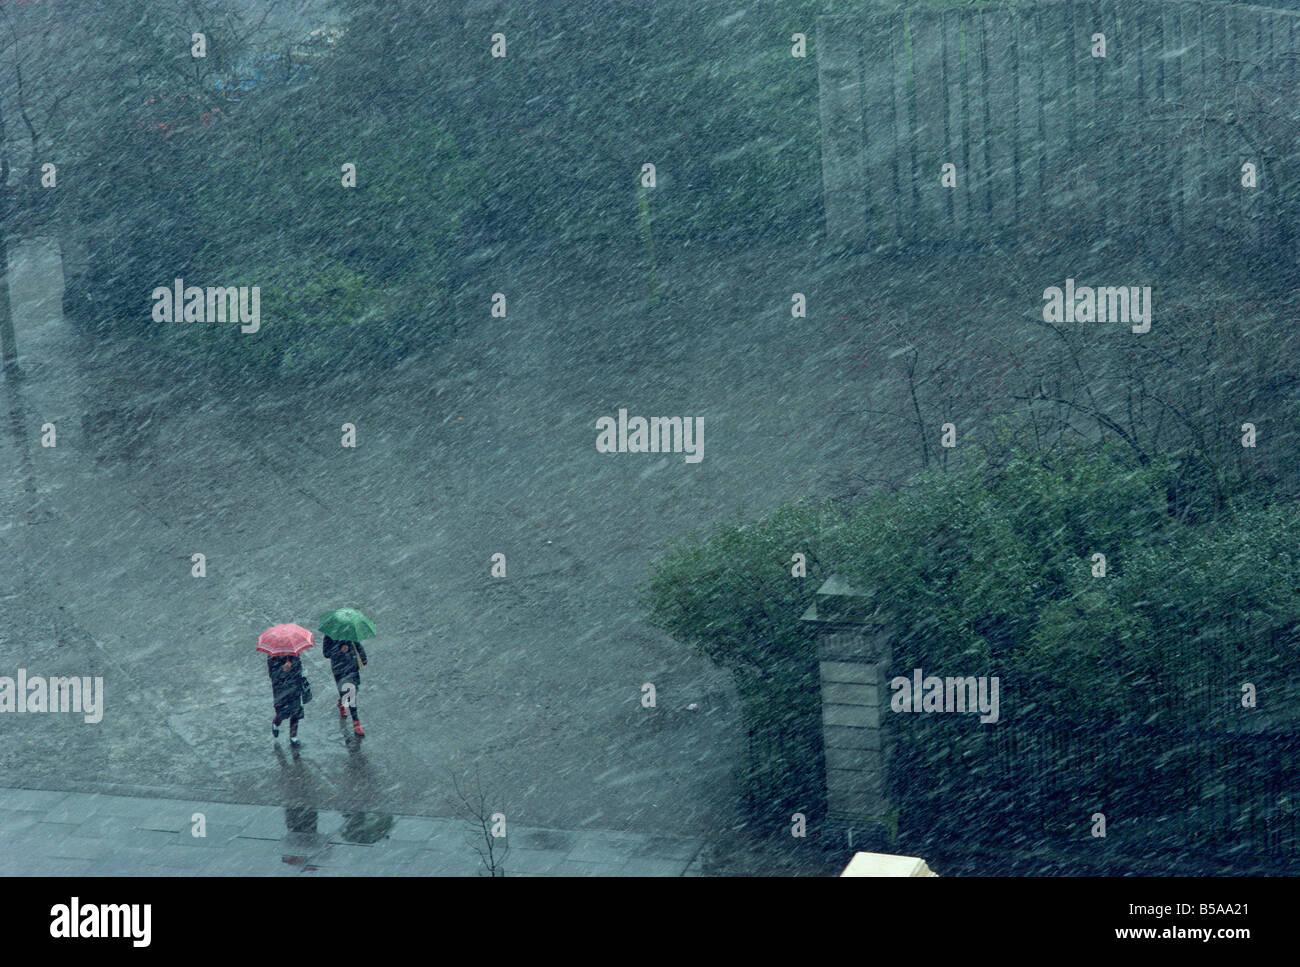 Zwei einsame Figuren mit Regenschirmen gefangen im Sturm, Dublin, Republik Irland, Europa Stockbild